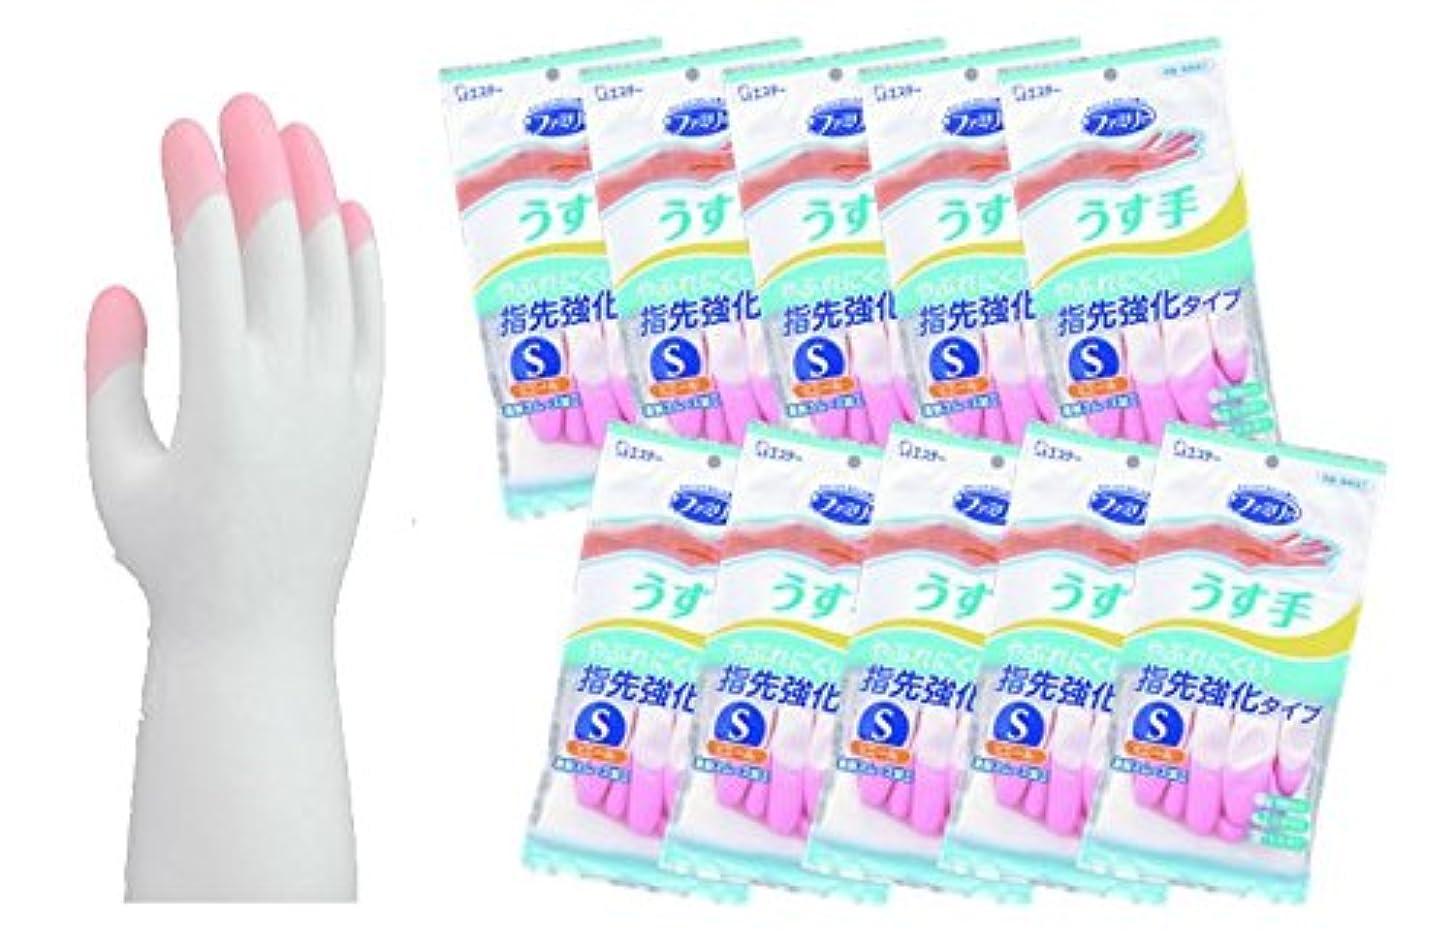 前足お肉ファミリー ビニールうす手 指先強化 Sピンク 1双×10個セット